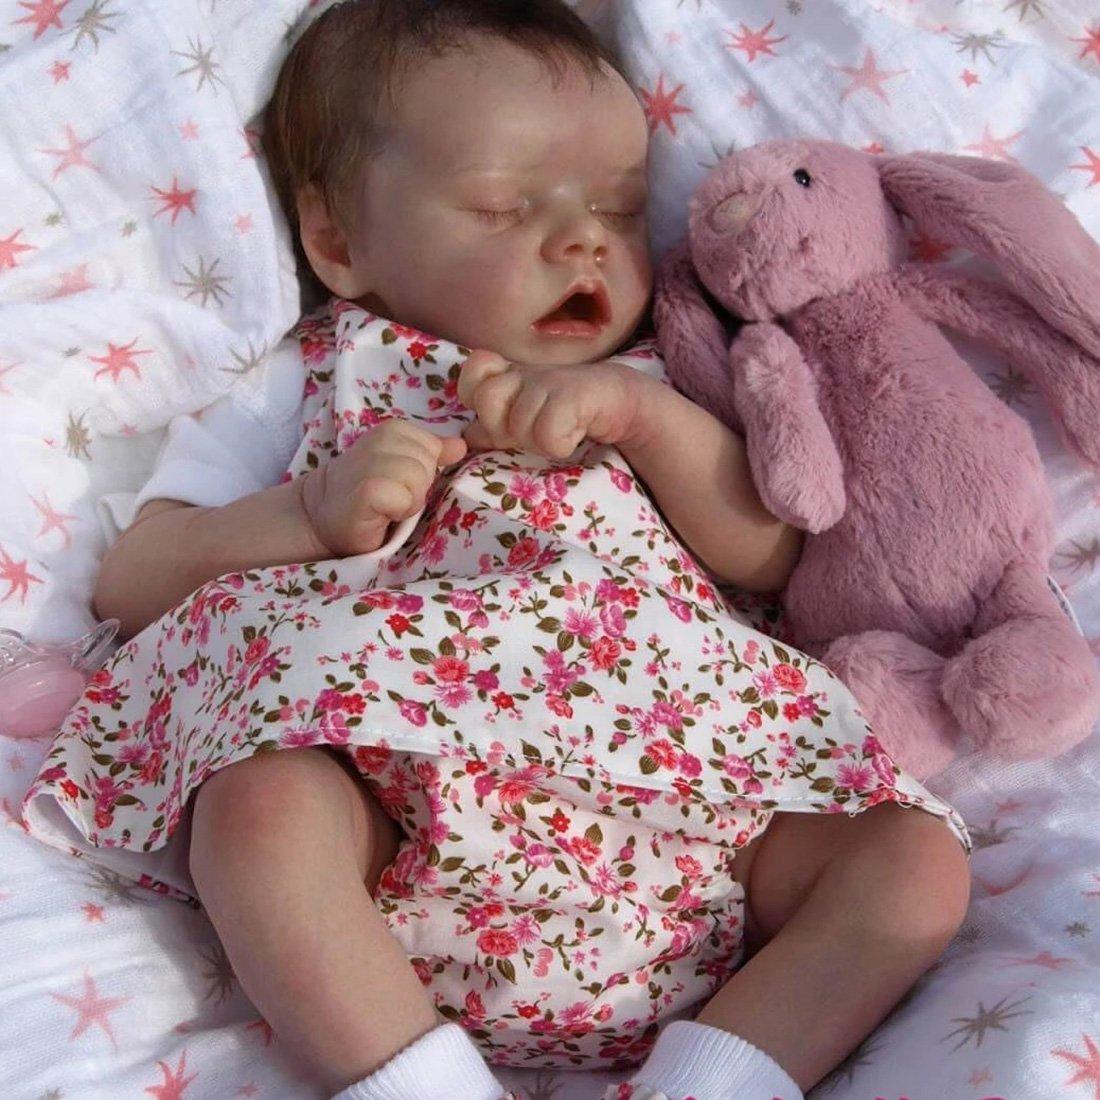 Poupée 17 Pouces Reborn réaliste poupée bébé fille Souple Cadeau de filles Compagnon de jeu